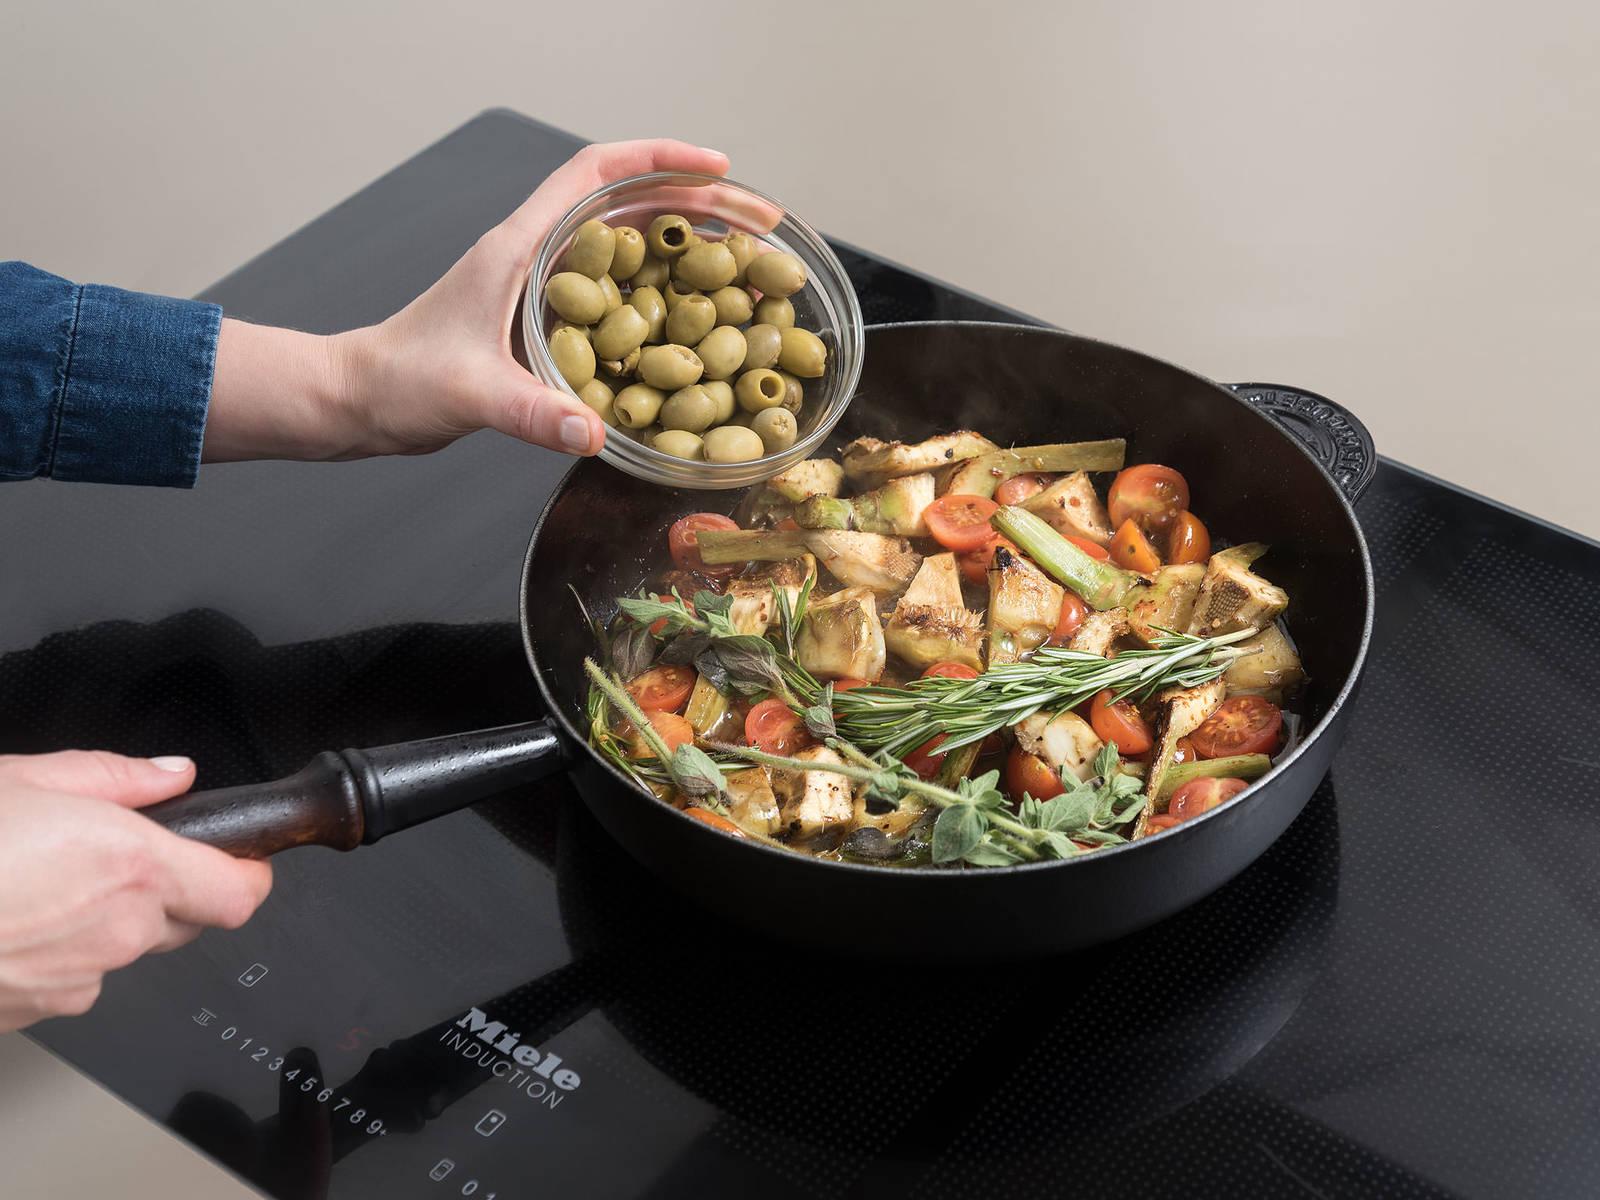 将洋蓟和蒜放到煎锅中,翻炒至变成金棕色。放入番茄和红辣椒粉,翻搅1分钟。倒入葡萄酒,然后加入橄榄、迷迭香和牛至叶。将鸡腿放回锅中,放上柠檬片,煮至微沸。盖上盖子,放到烤箱中。以190℃烤至鸡腿熟透并口感柔软,约需30分钟。